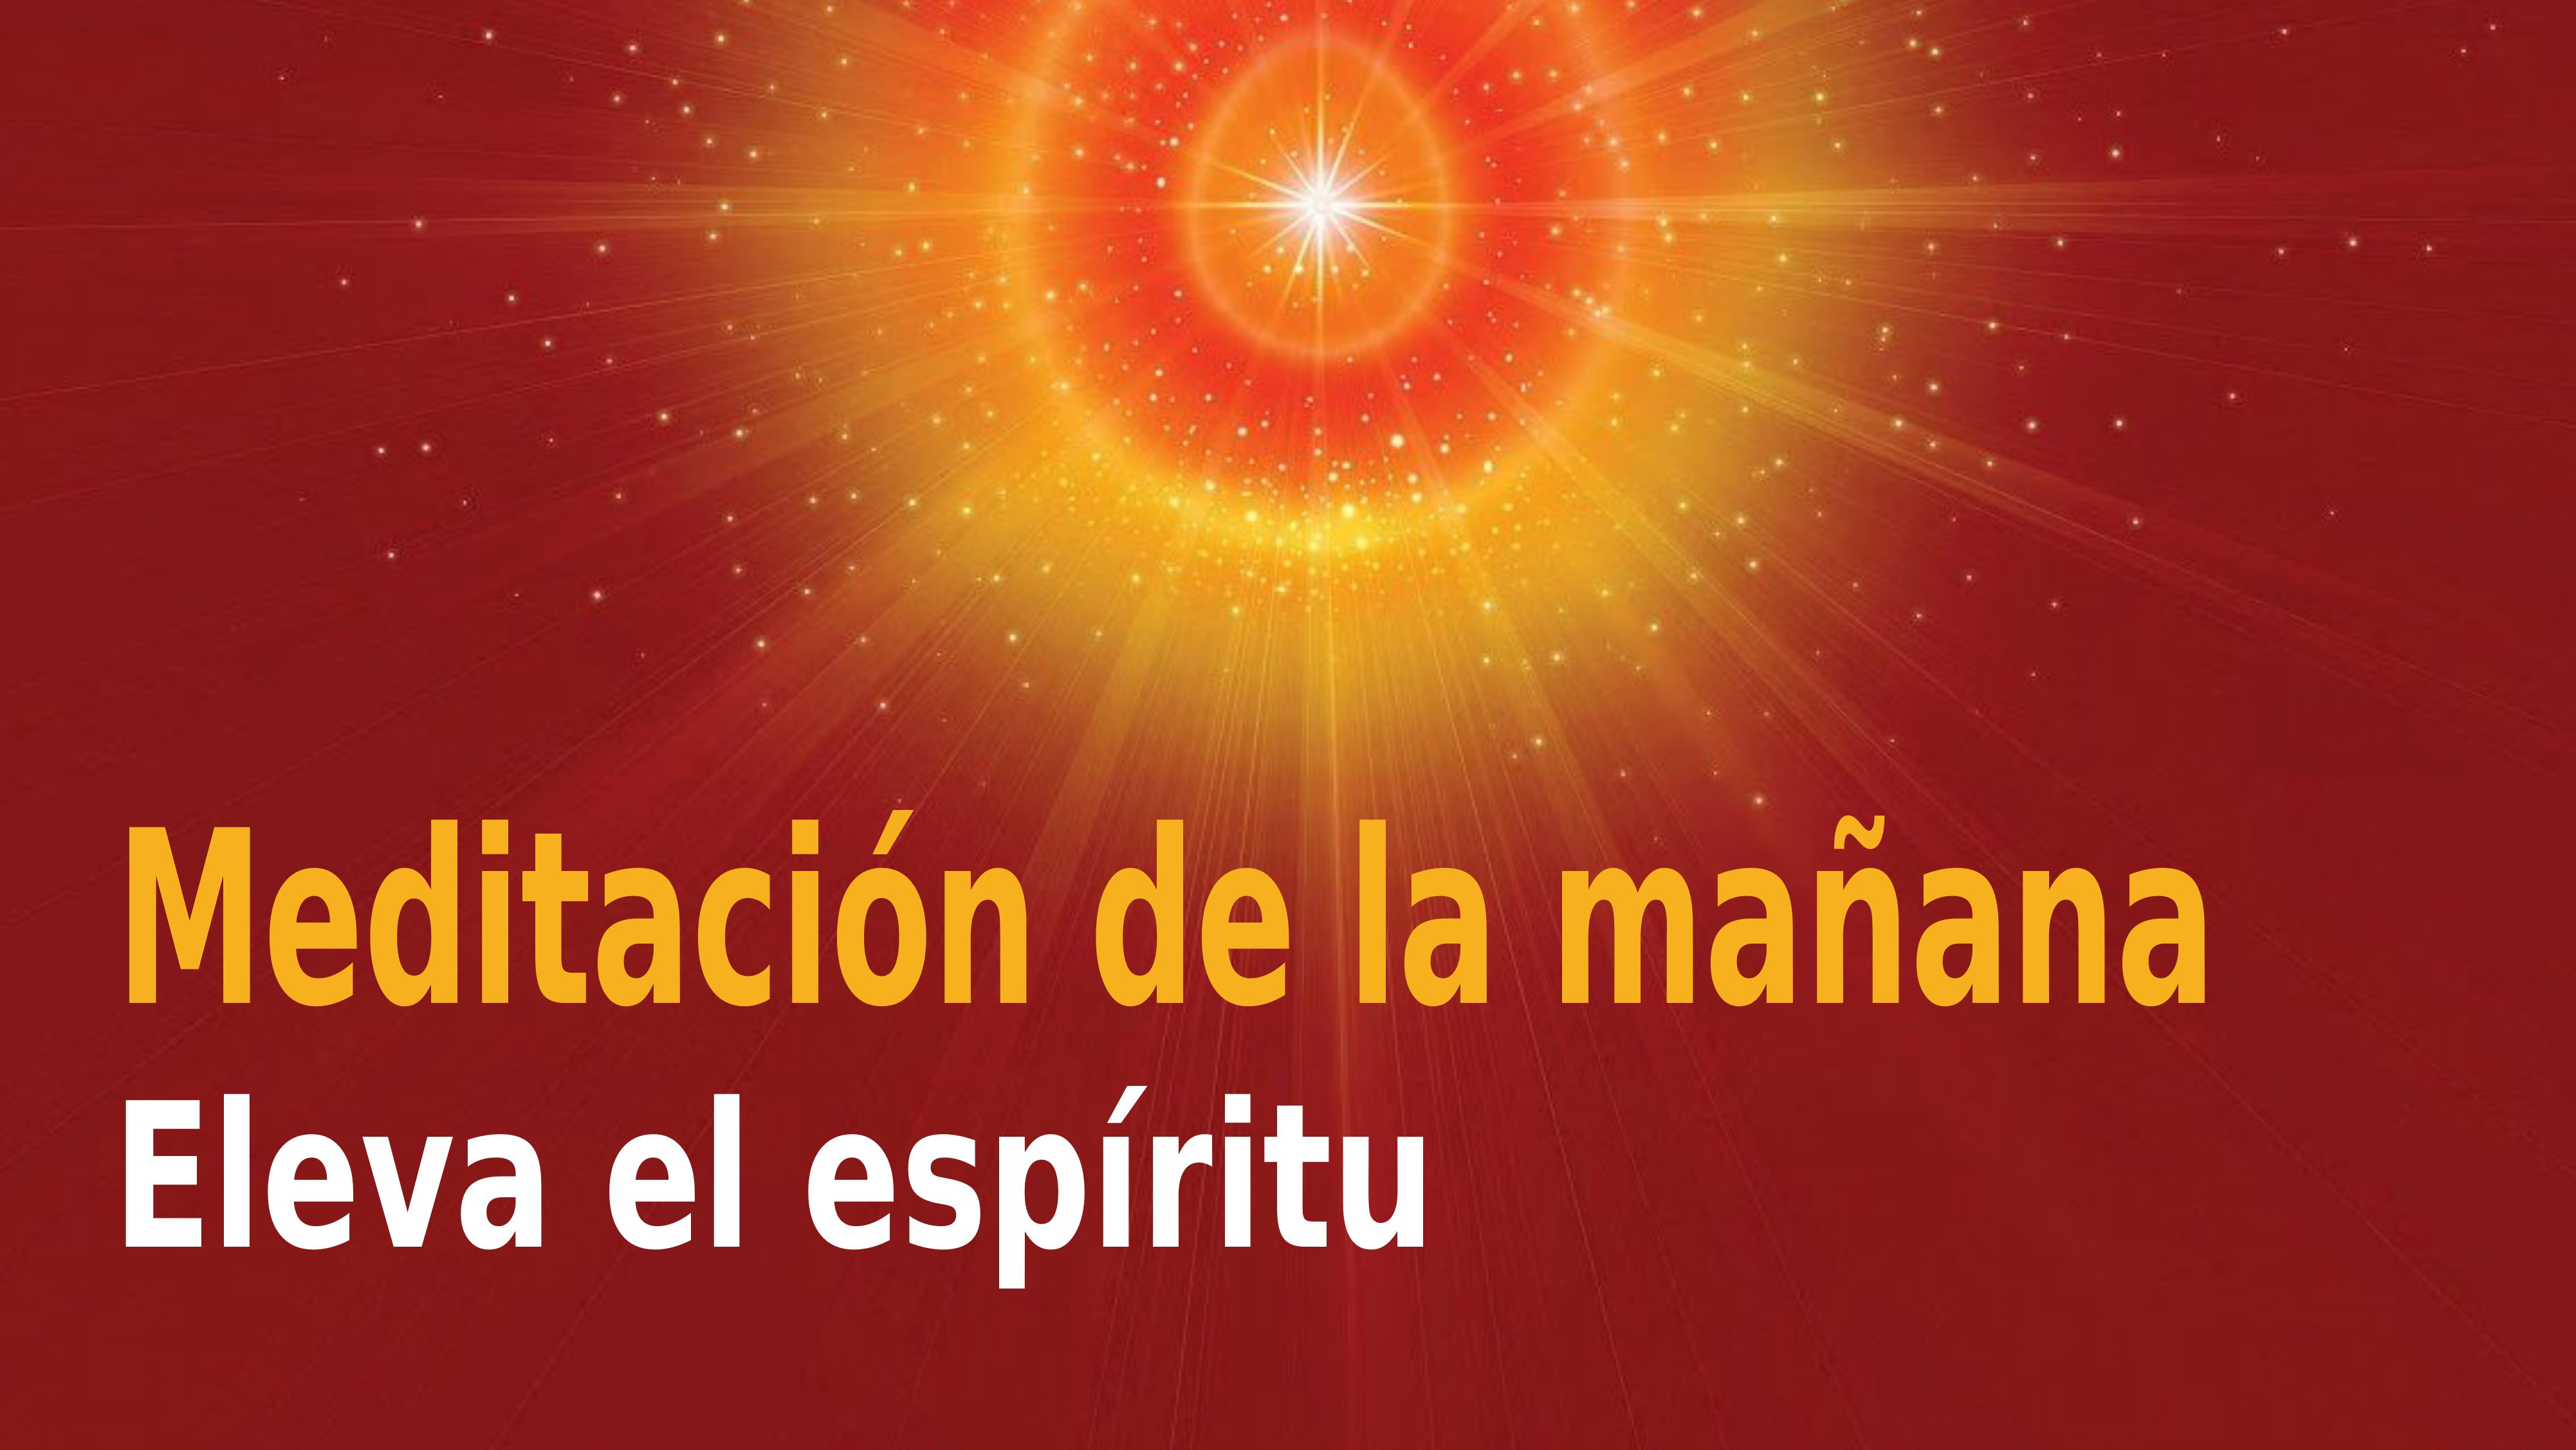 Meditación Raja Yoga de la mañana: Eleva el espíritu (10 Noviembre 2020)